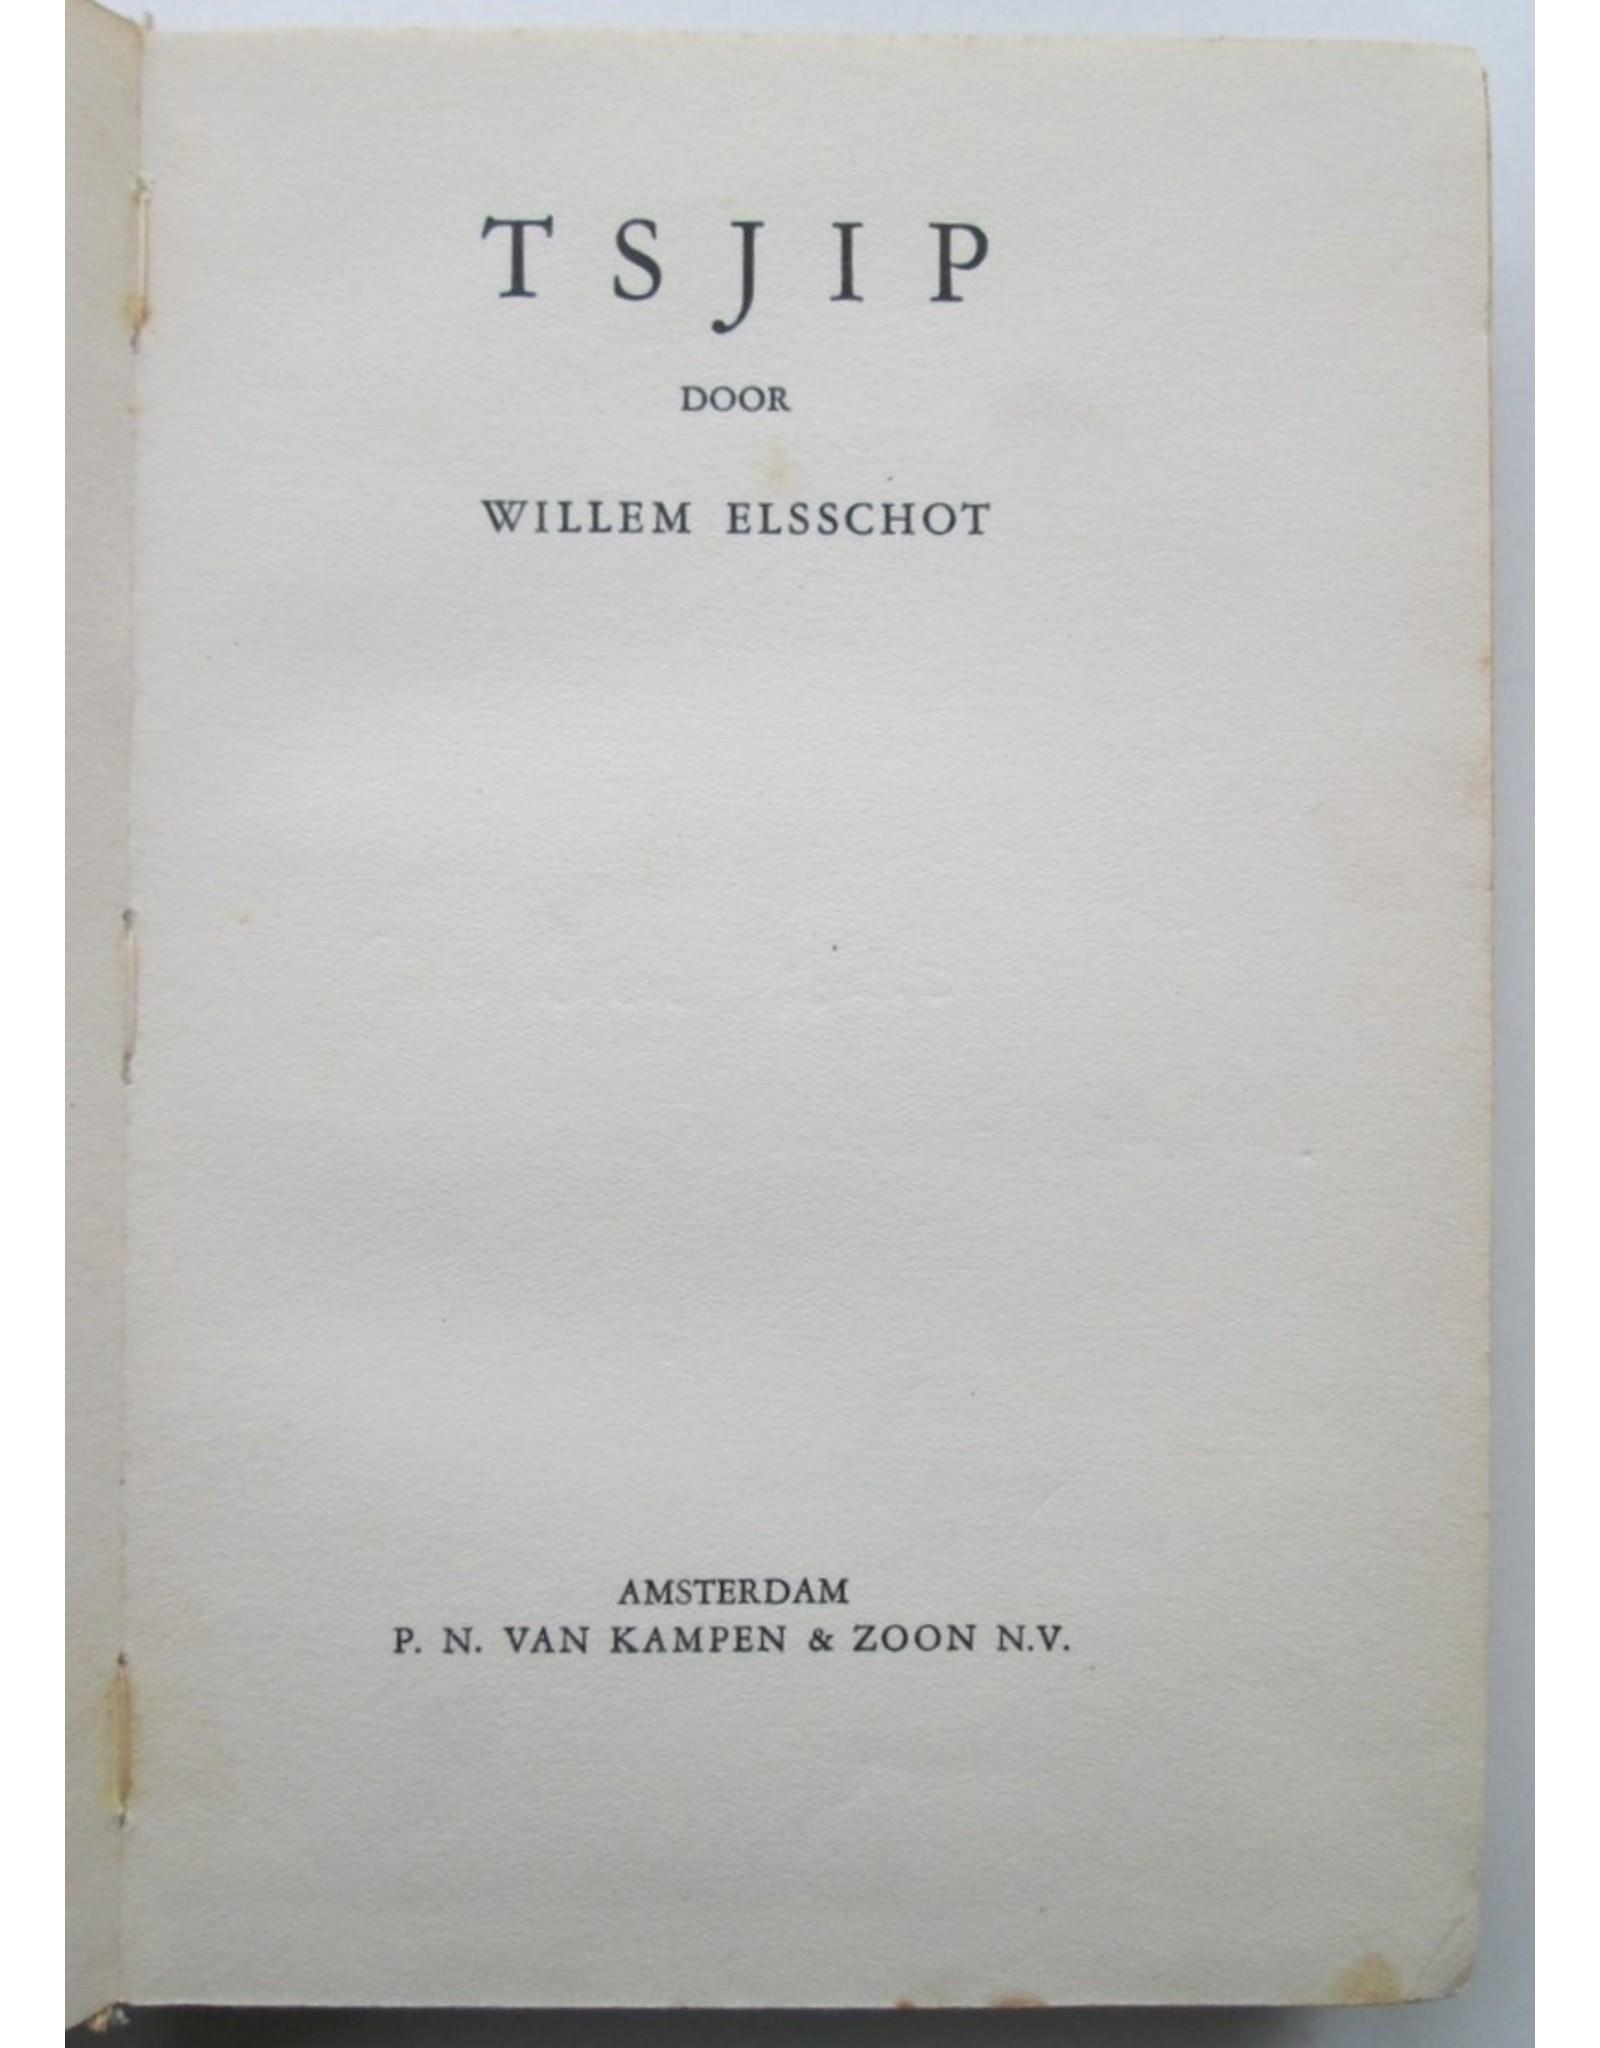 Willem Elsschot - Tsjip